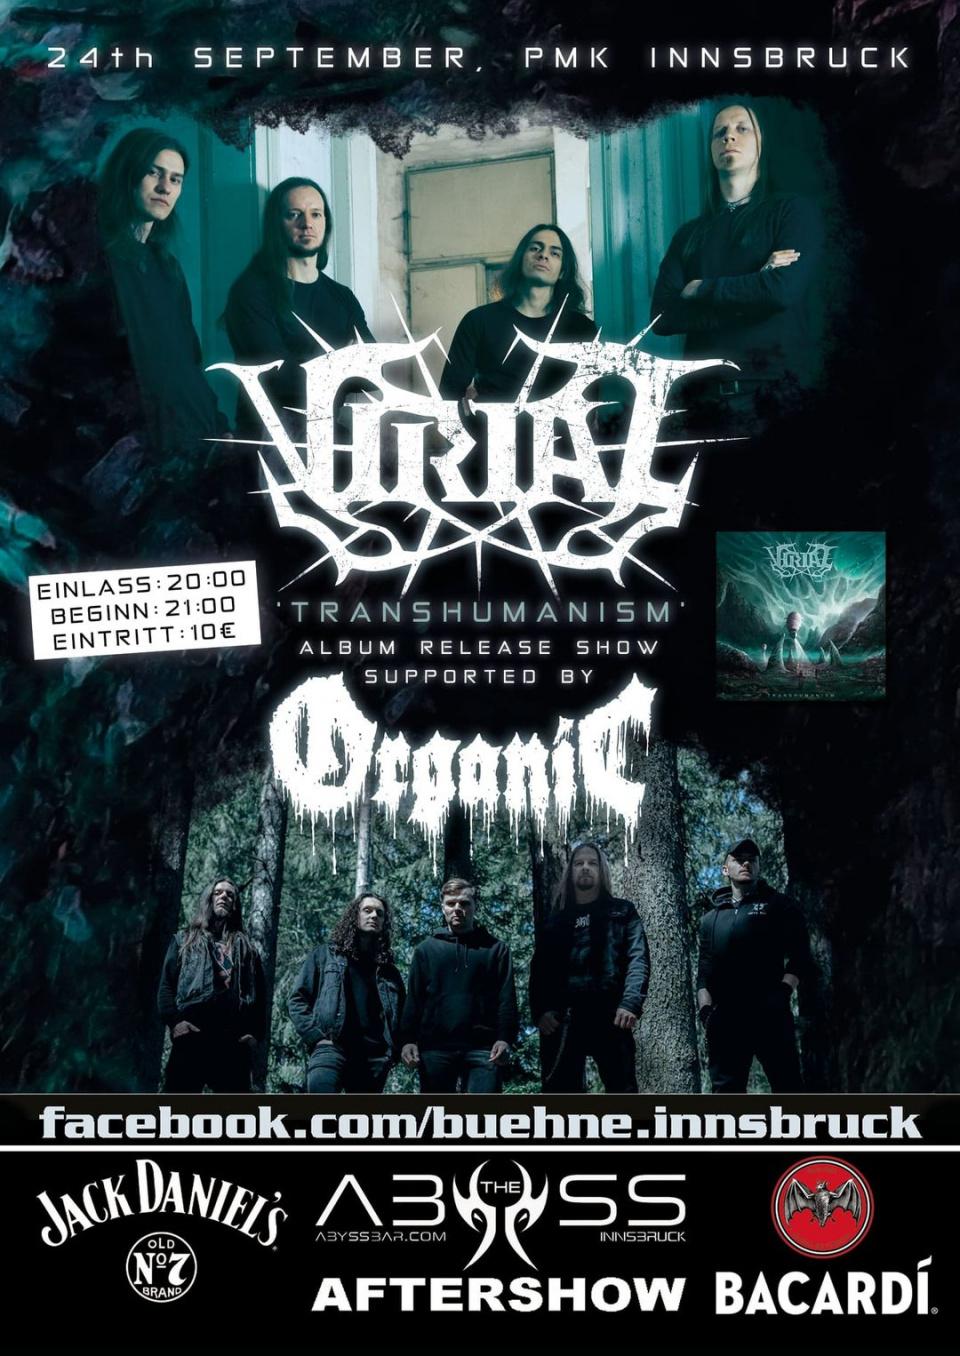 Der Flyer zum Release-Konzert von Virial in Innsbruck